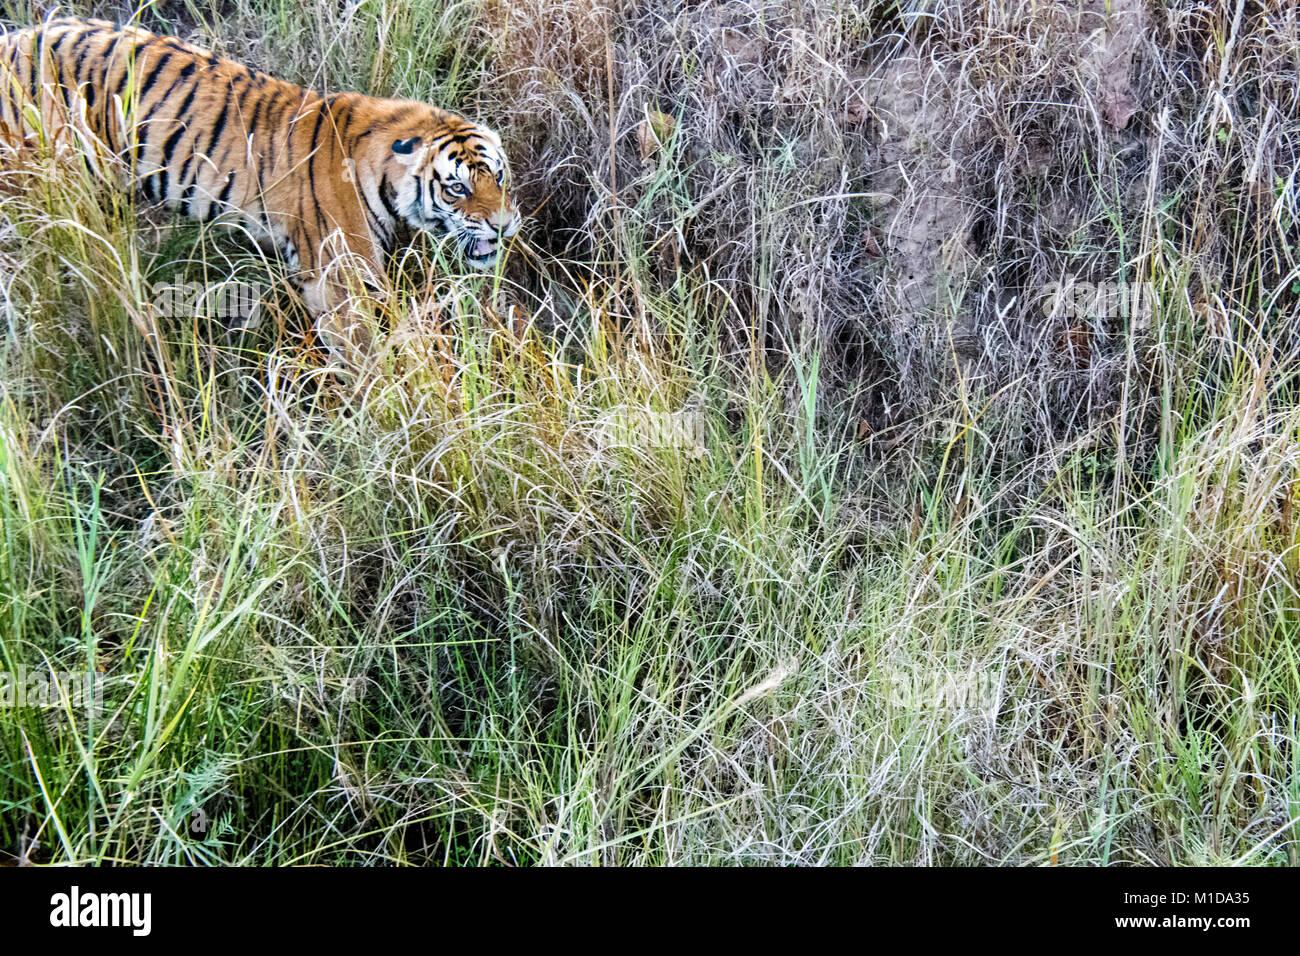 Wild tigre du Bengale, Panthera tigris tigris, snarling, attaquant dans Bandhavgarh Tiger Reserve, Madhya Pradesh, Photo Stock